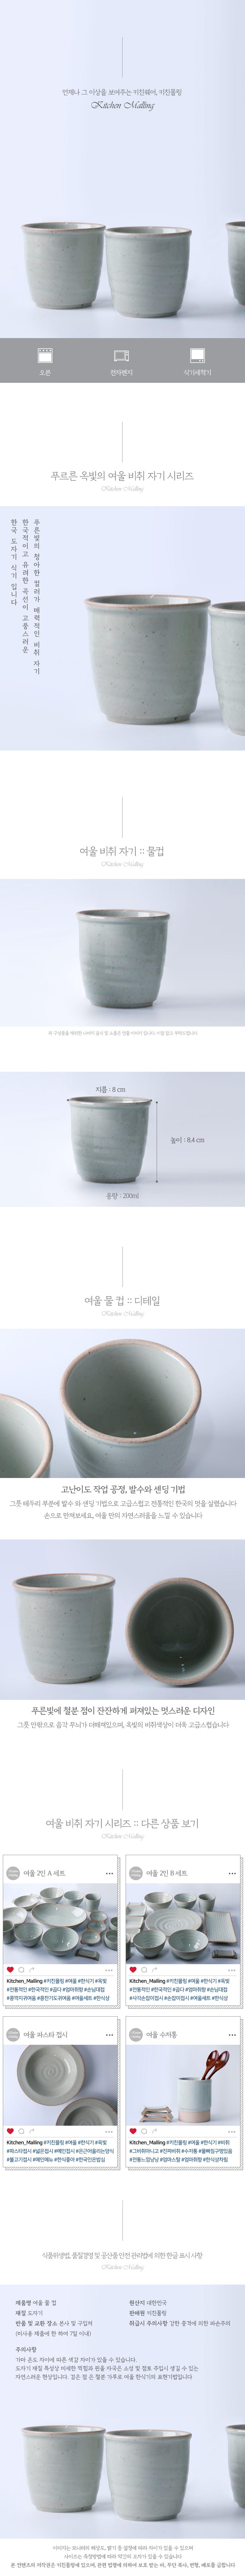 여울 도자기 물컵 1p - 키친몰링, 4,500원, 머그컵, 심플머그